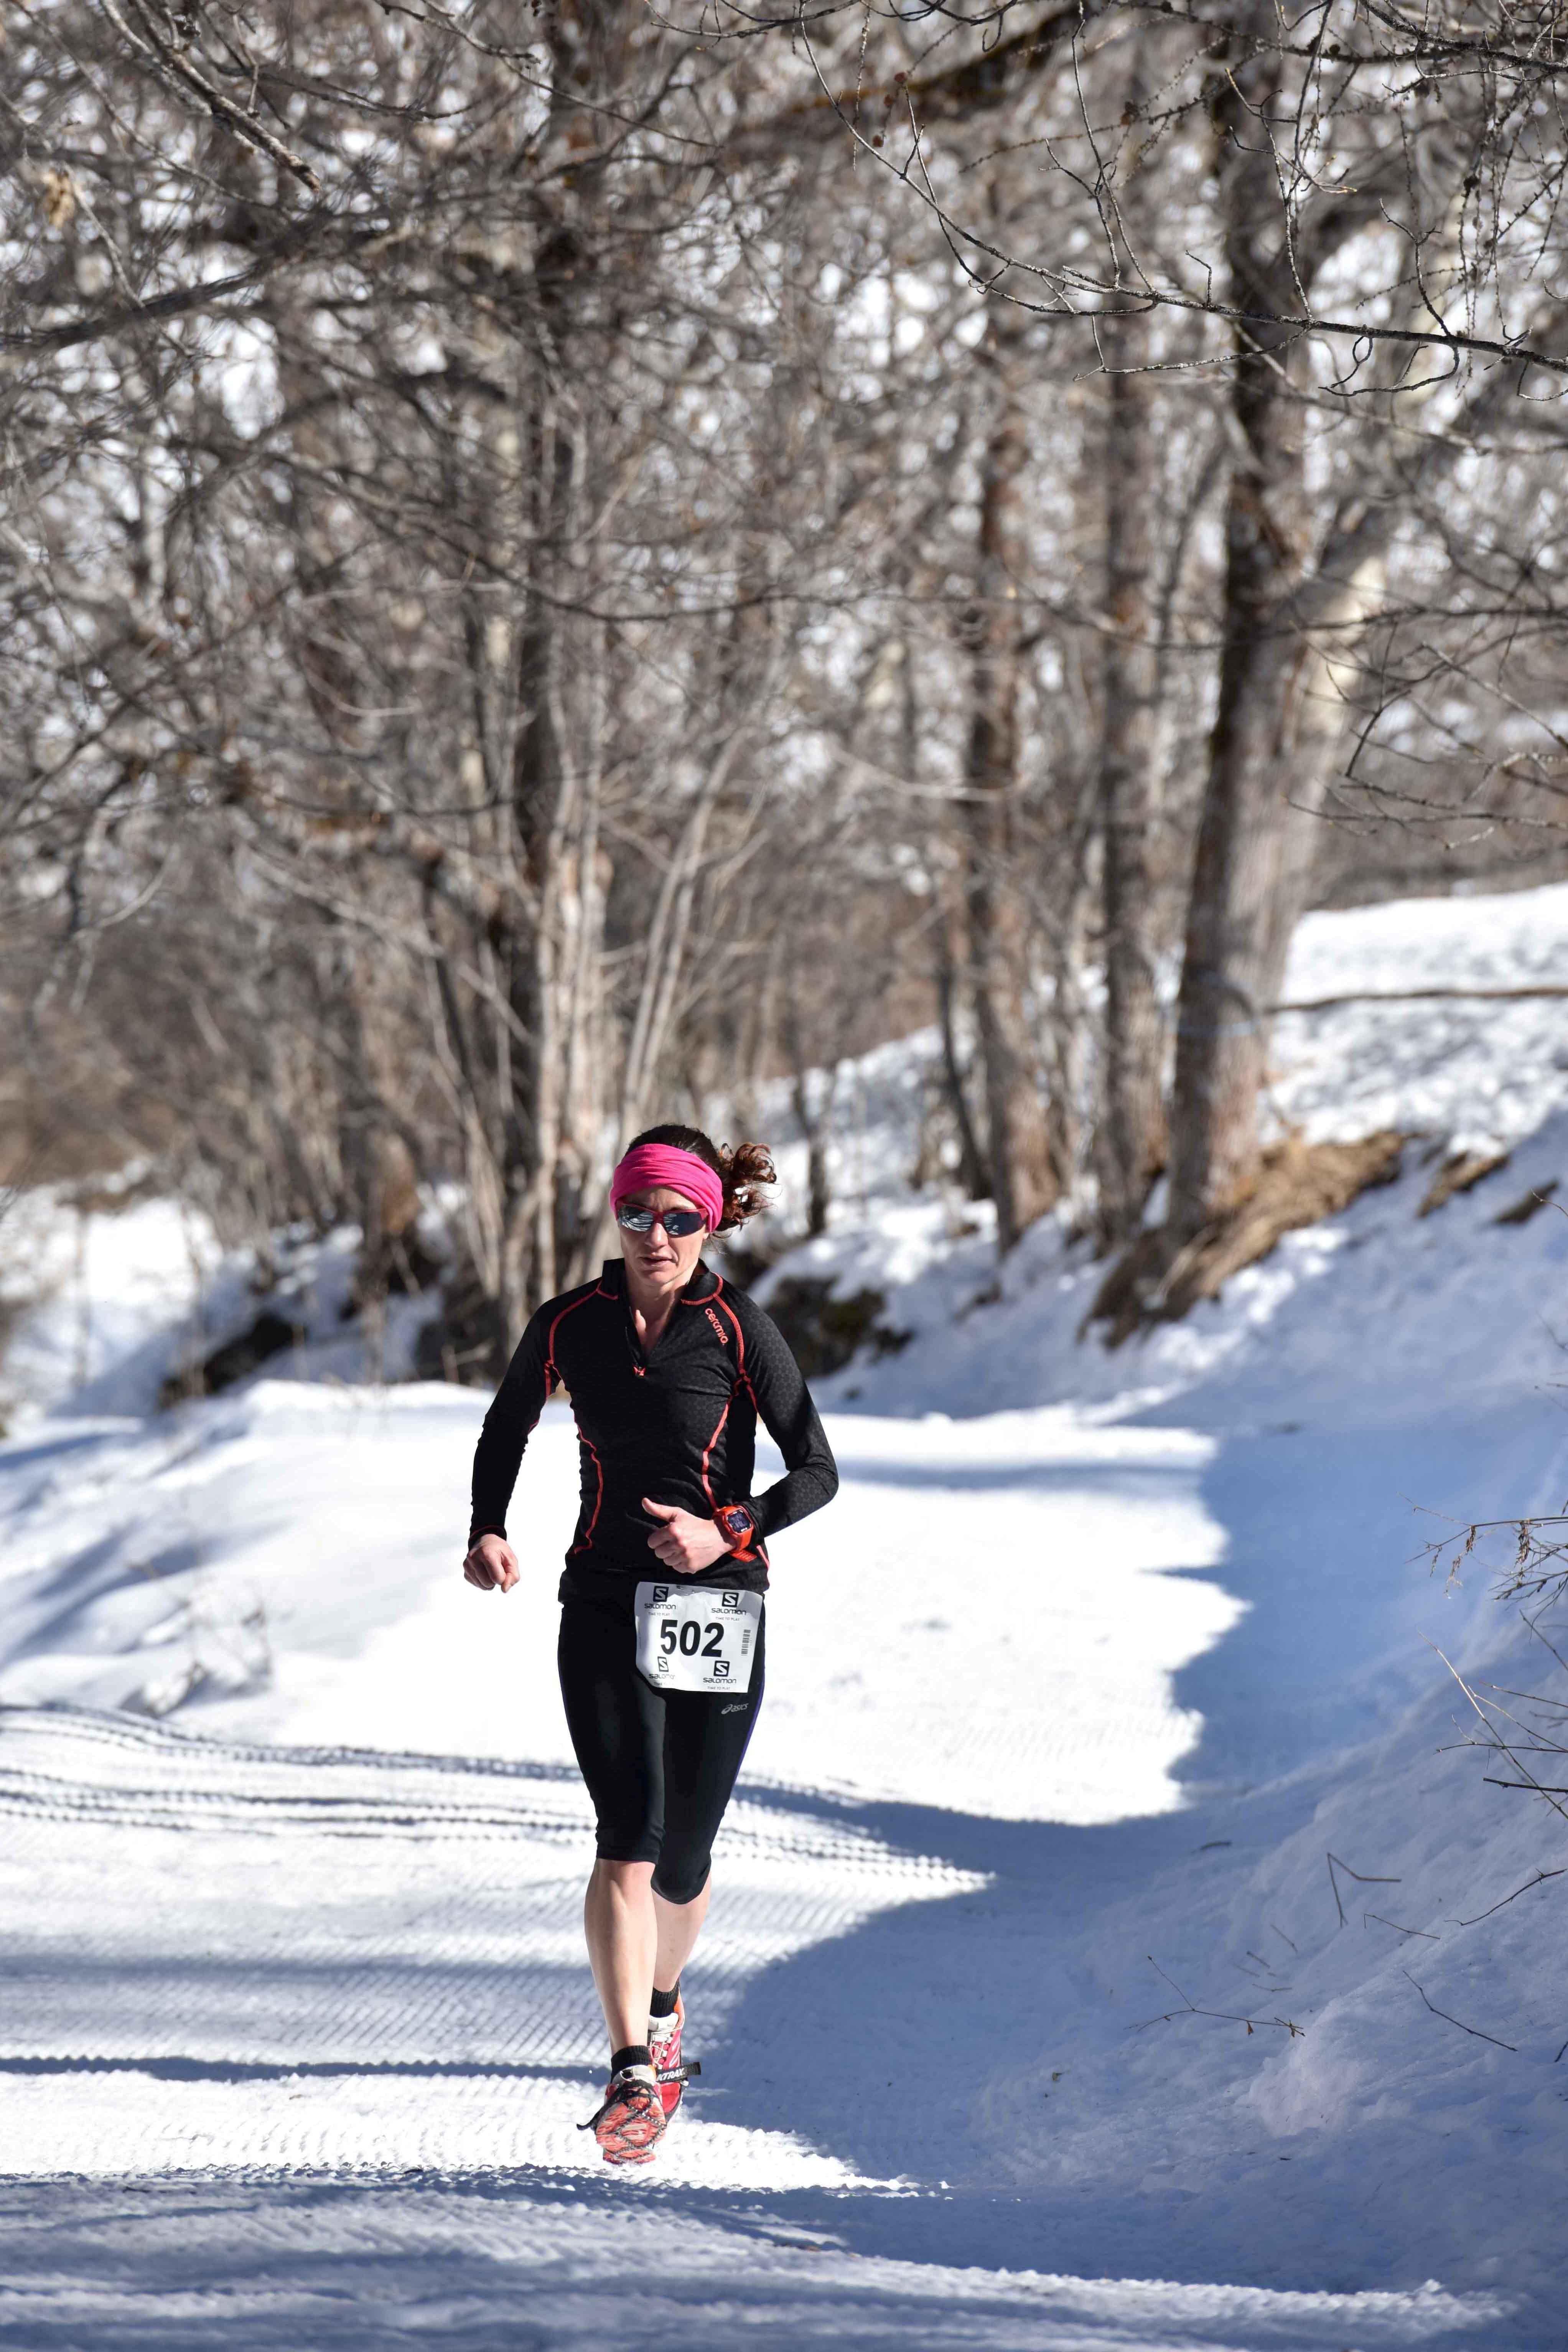 Laetitia Dardanelli vainqueur 9 km photo JMK Consult - UBAYE SNOW TRAIL SALOMON UNE 8EME EDITION FORT REUSSIE ! 19-02-2017 RESULTATS ET VIDEO